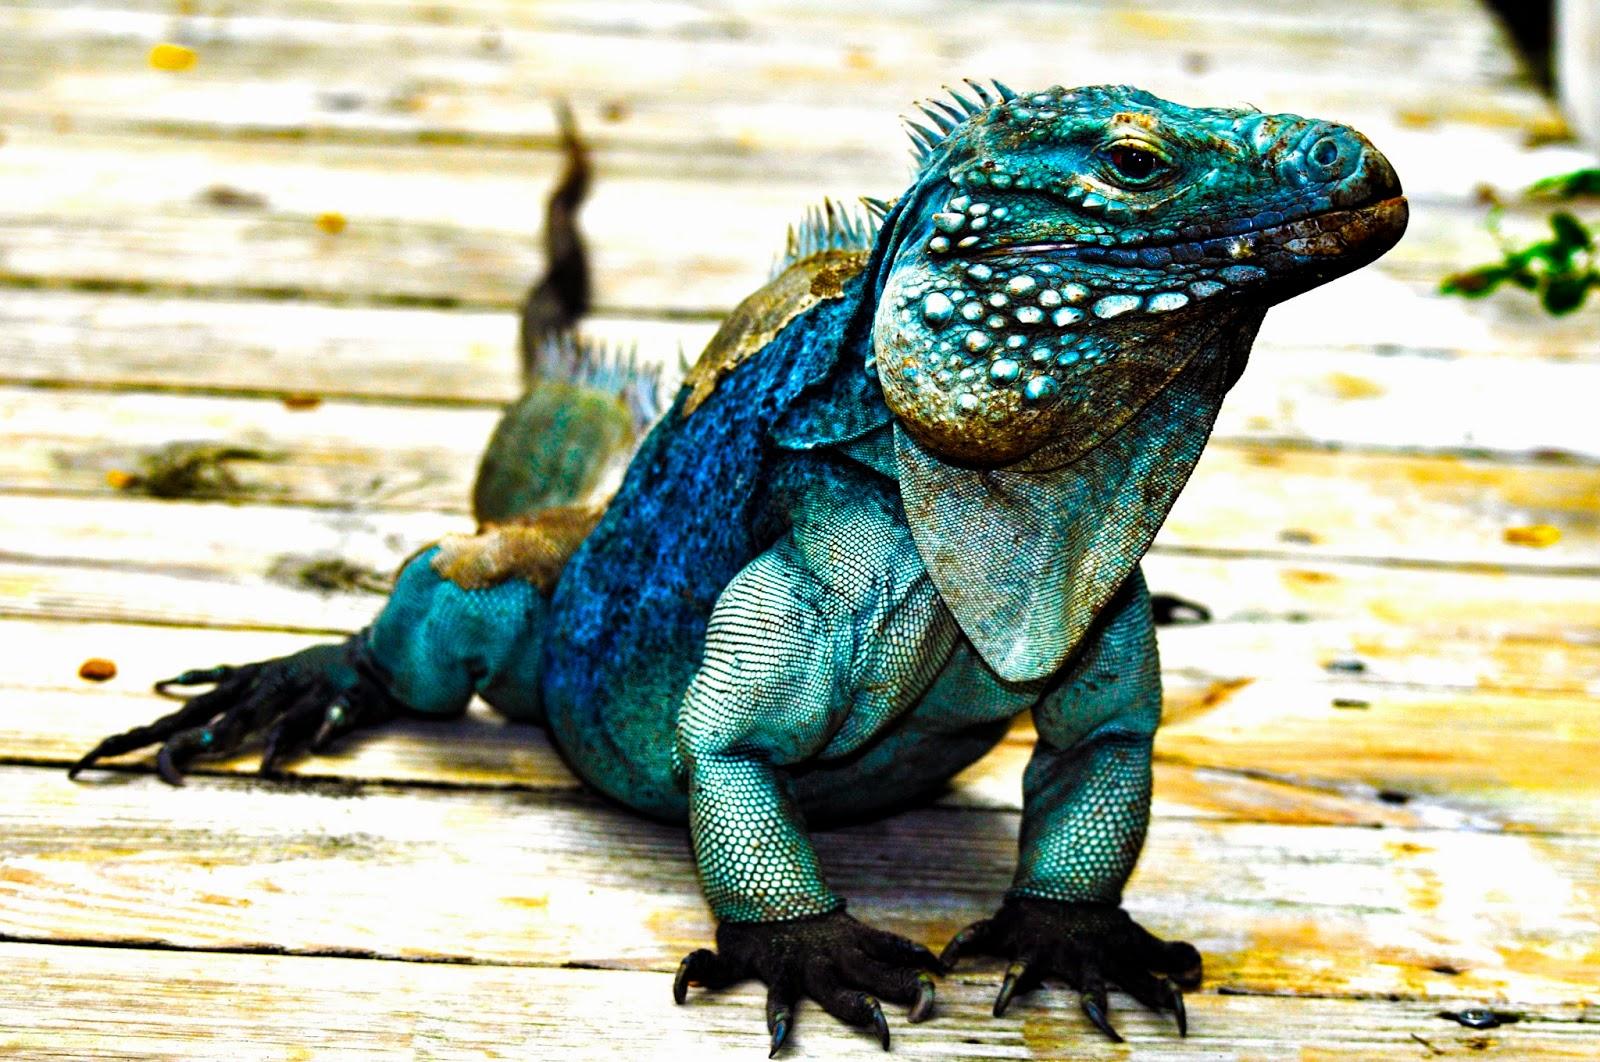 Tony Walton: Blue Iguana - Grand Cayman